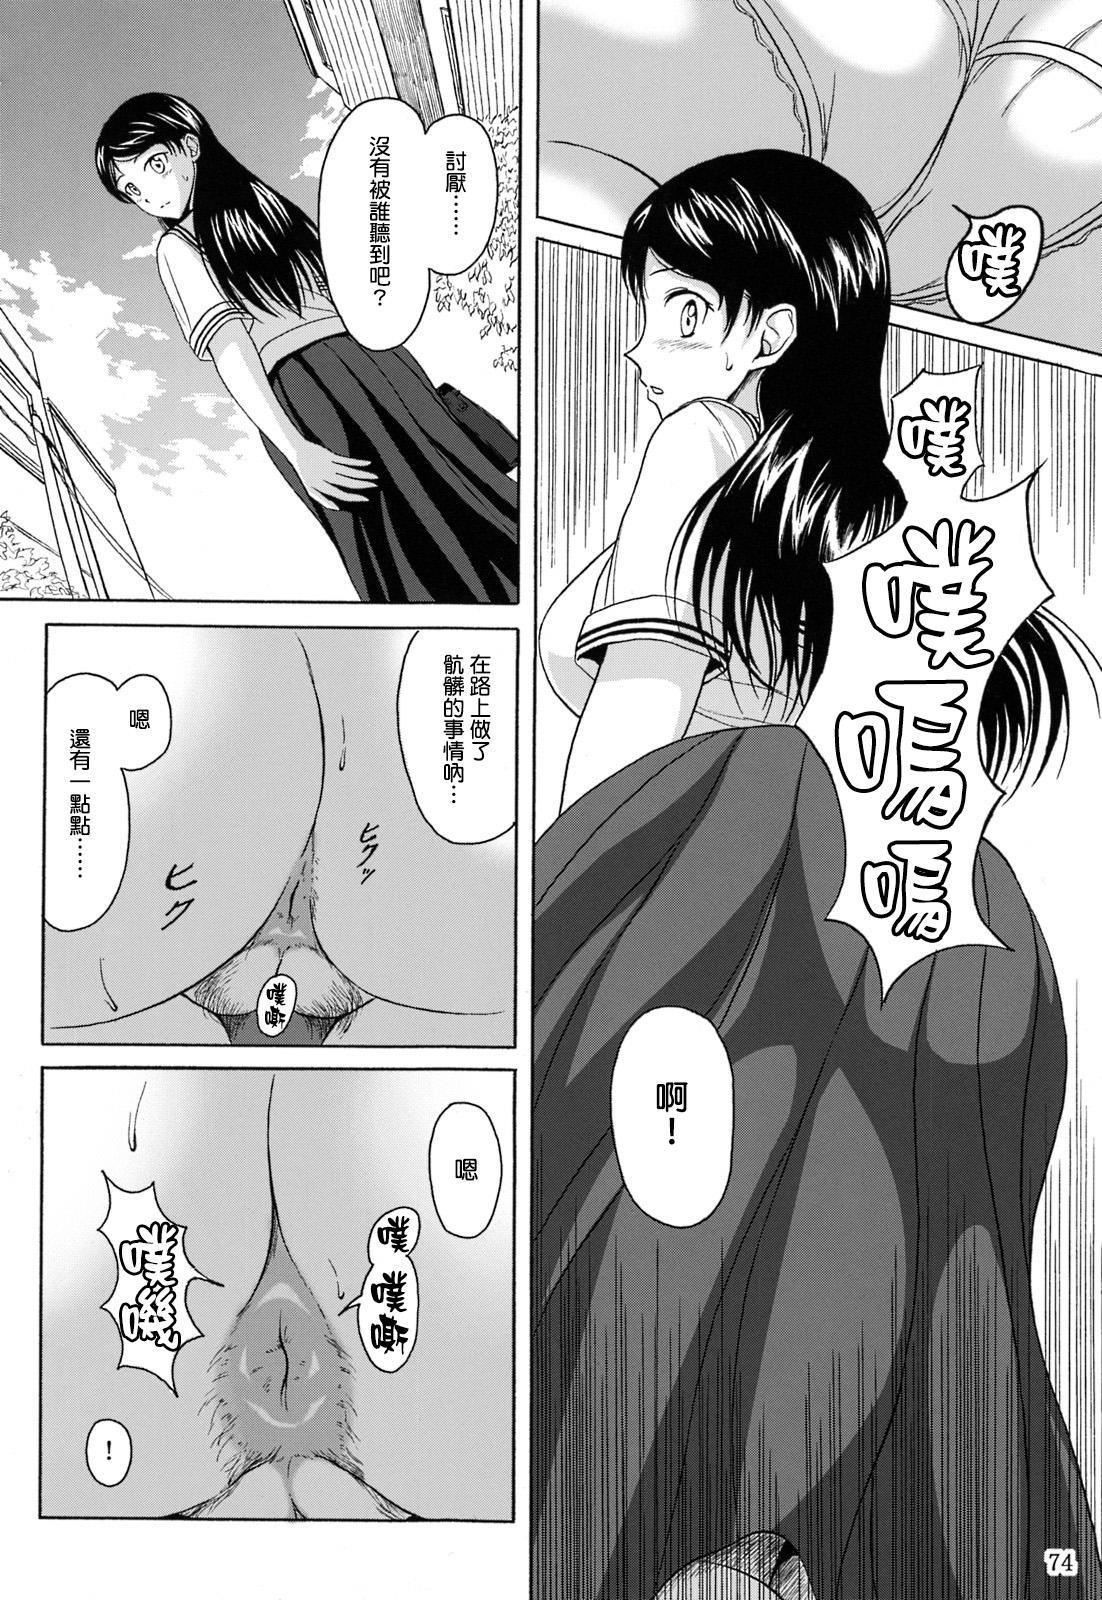 Haisetsu Shoujo Soushuuhen 73